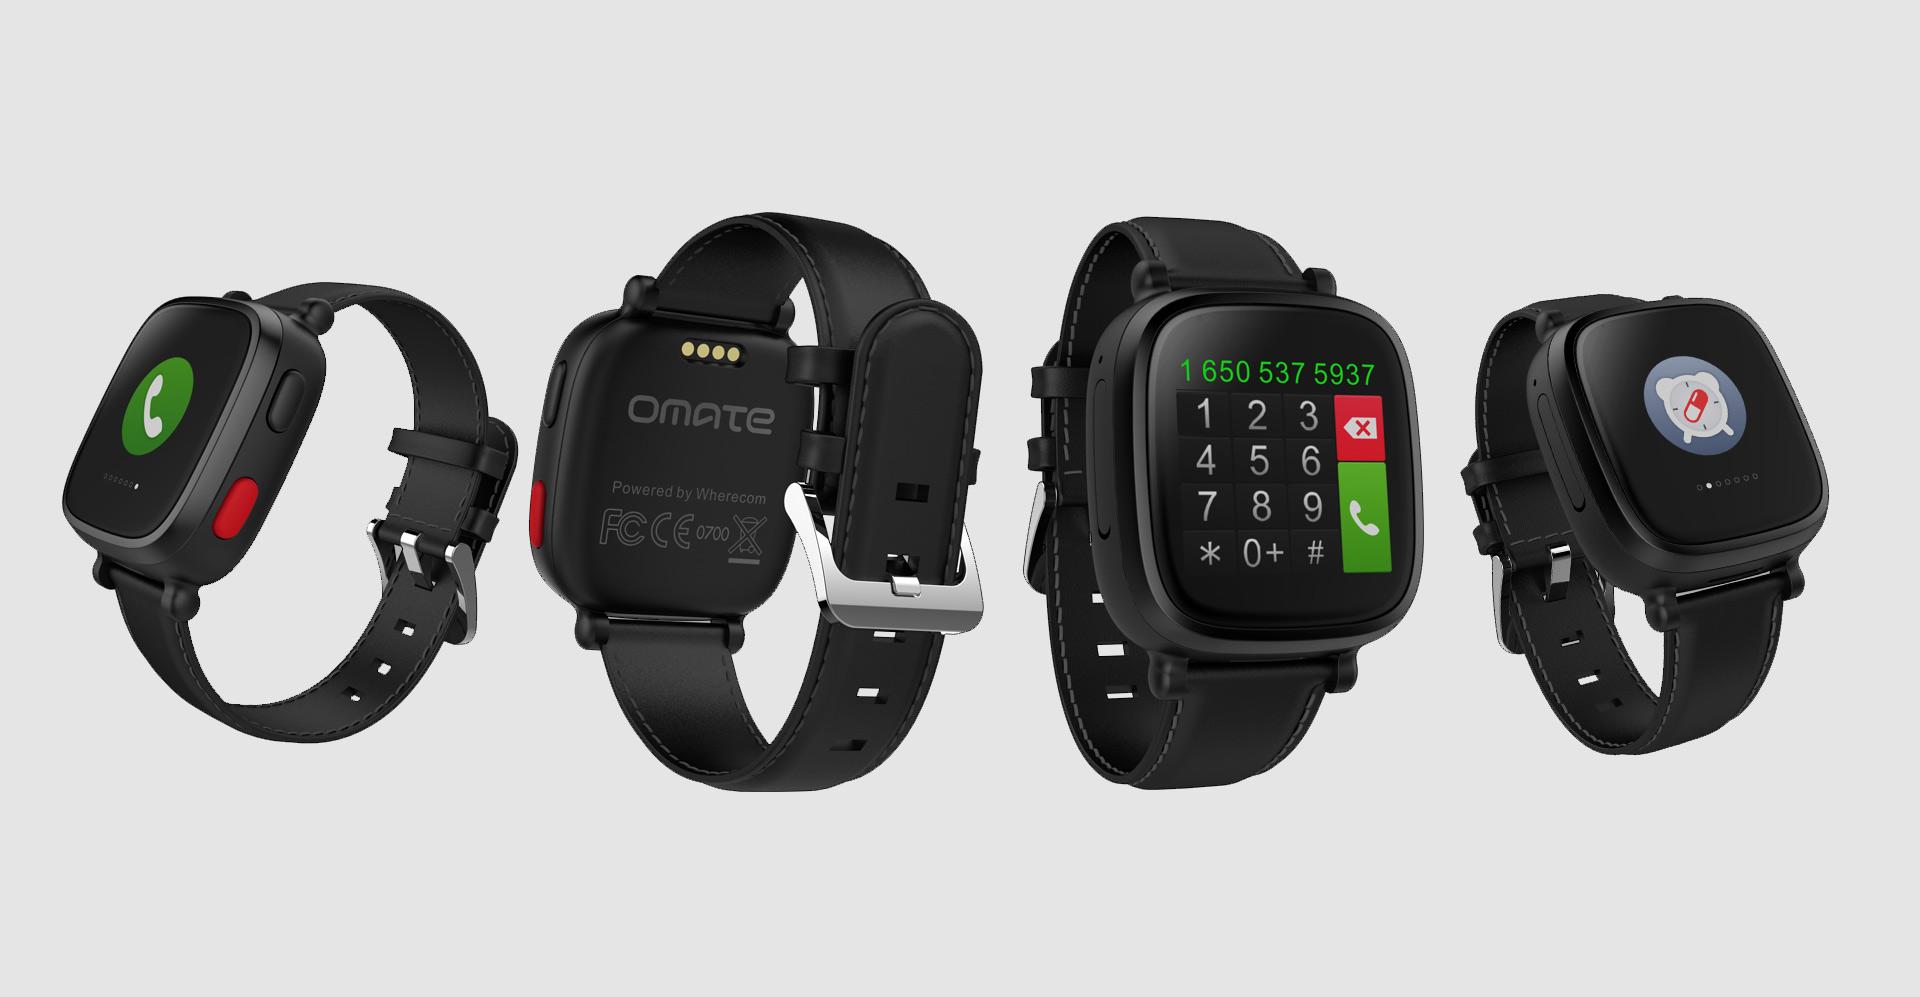 Omate Announces The Wherecom S3 A Dedicated Smartwatch For Seniors